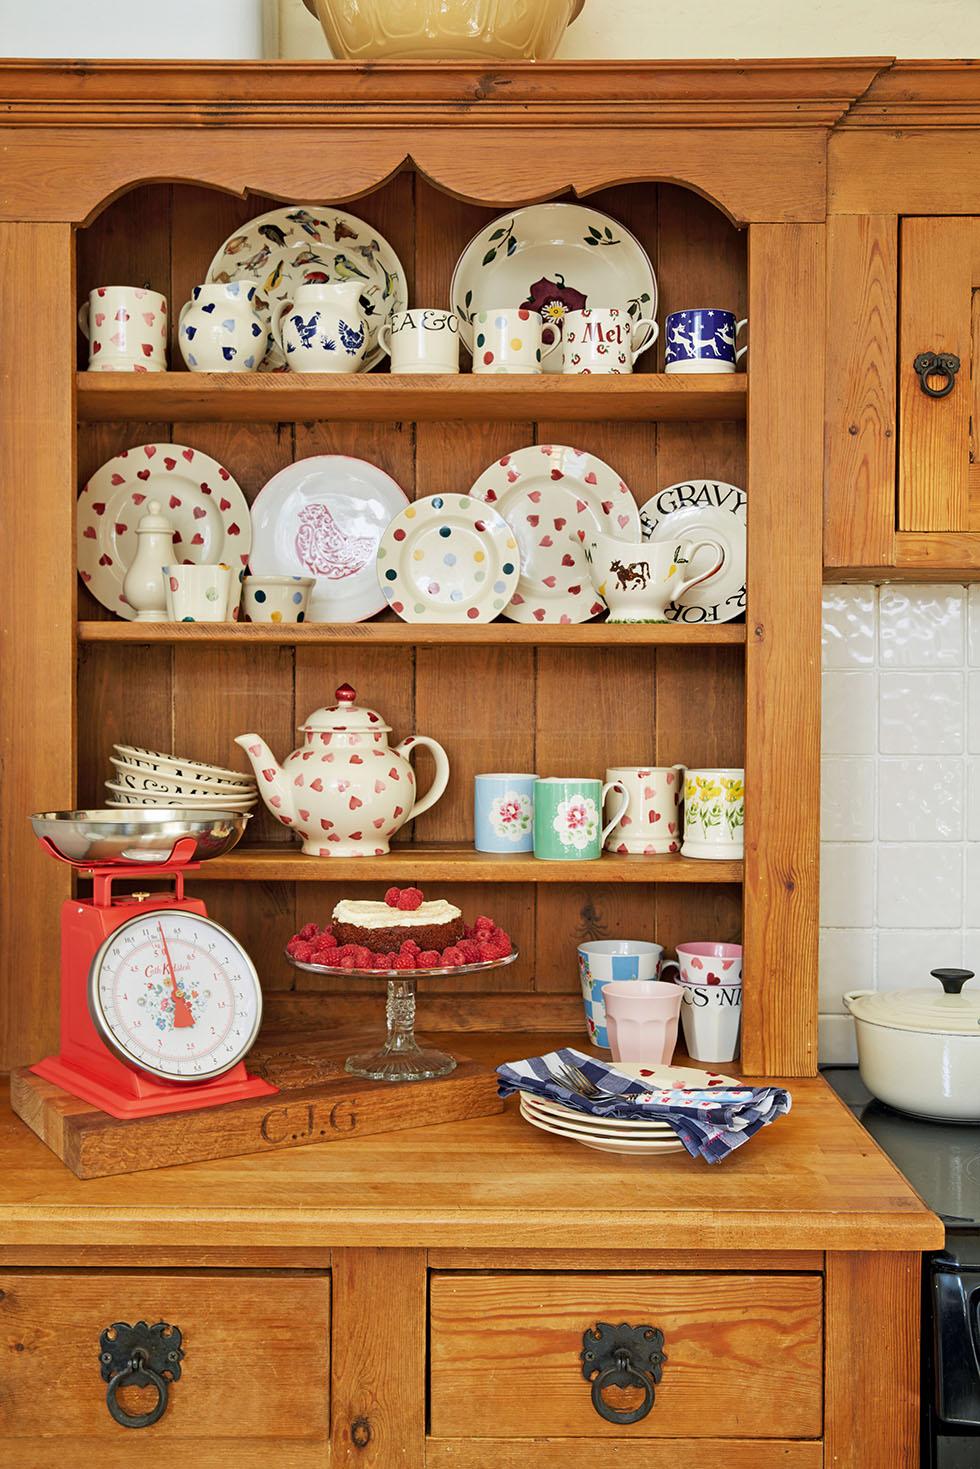 prescott-davies-kitchen-dresser